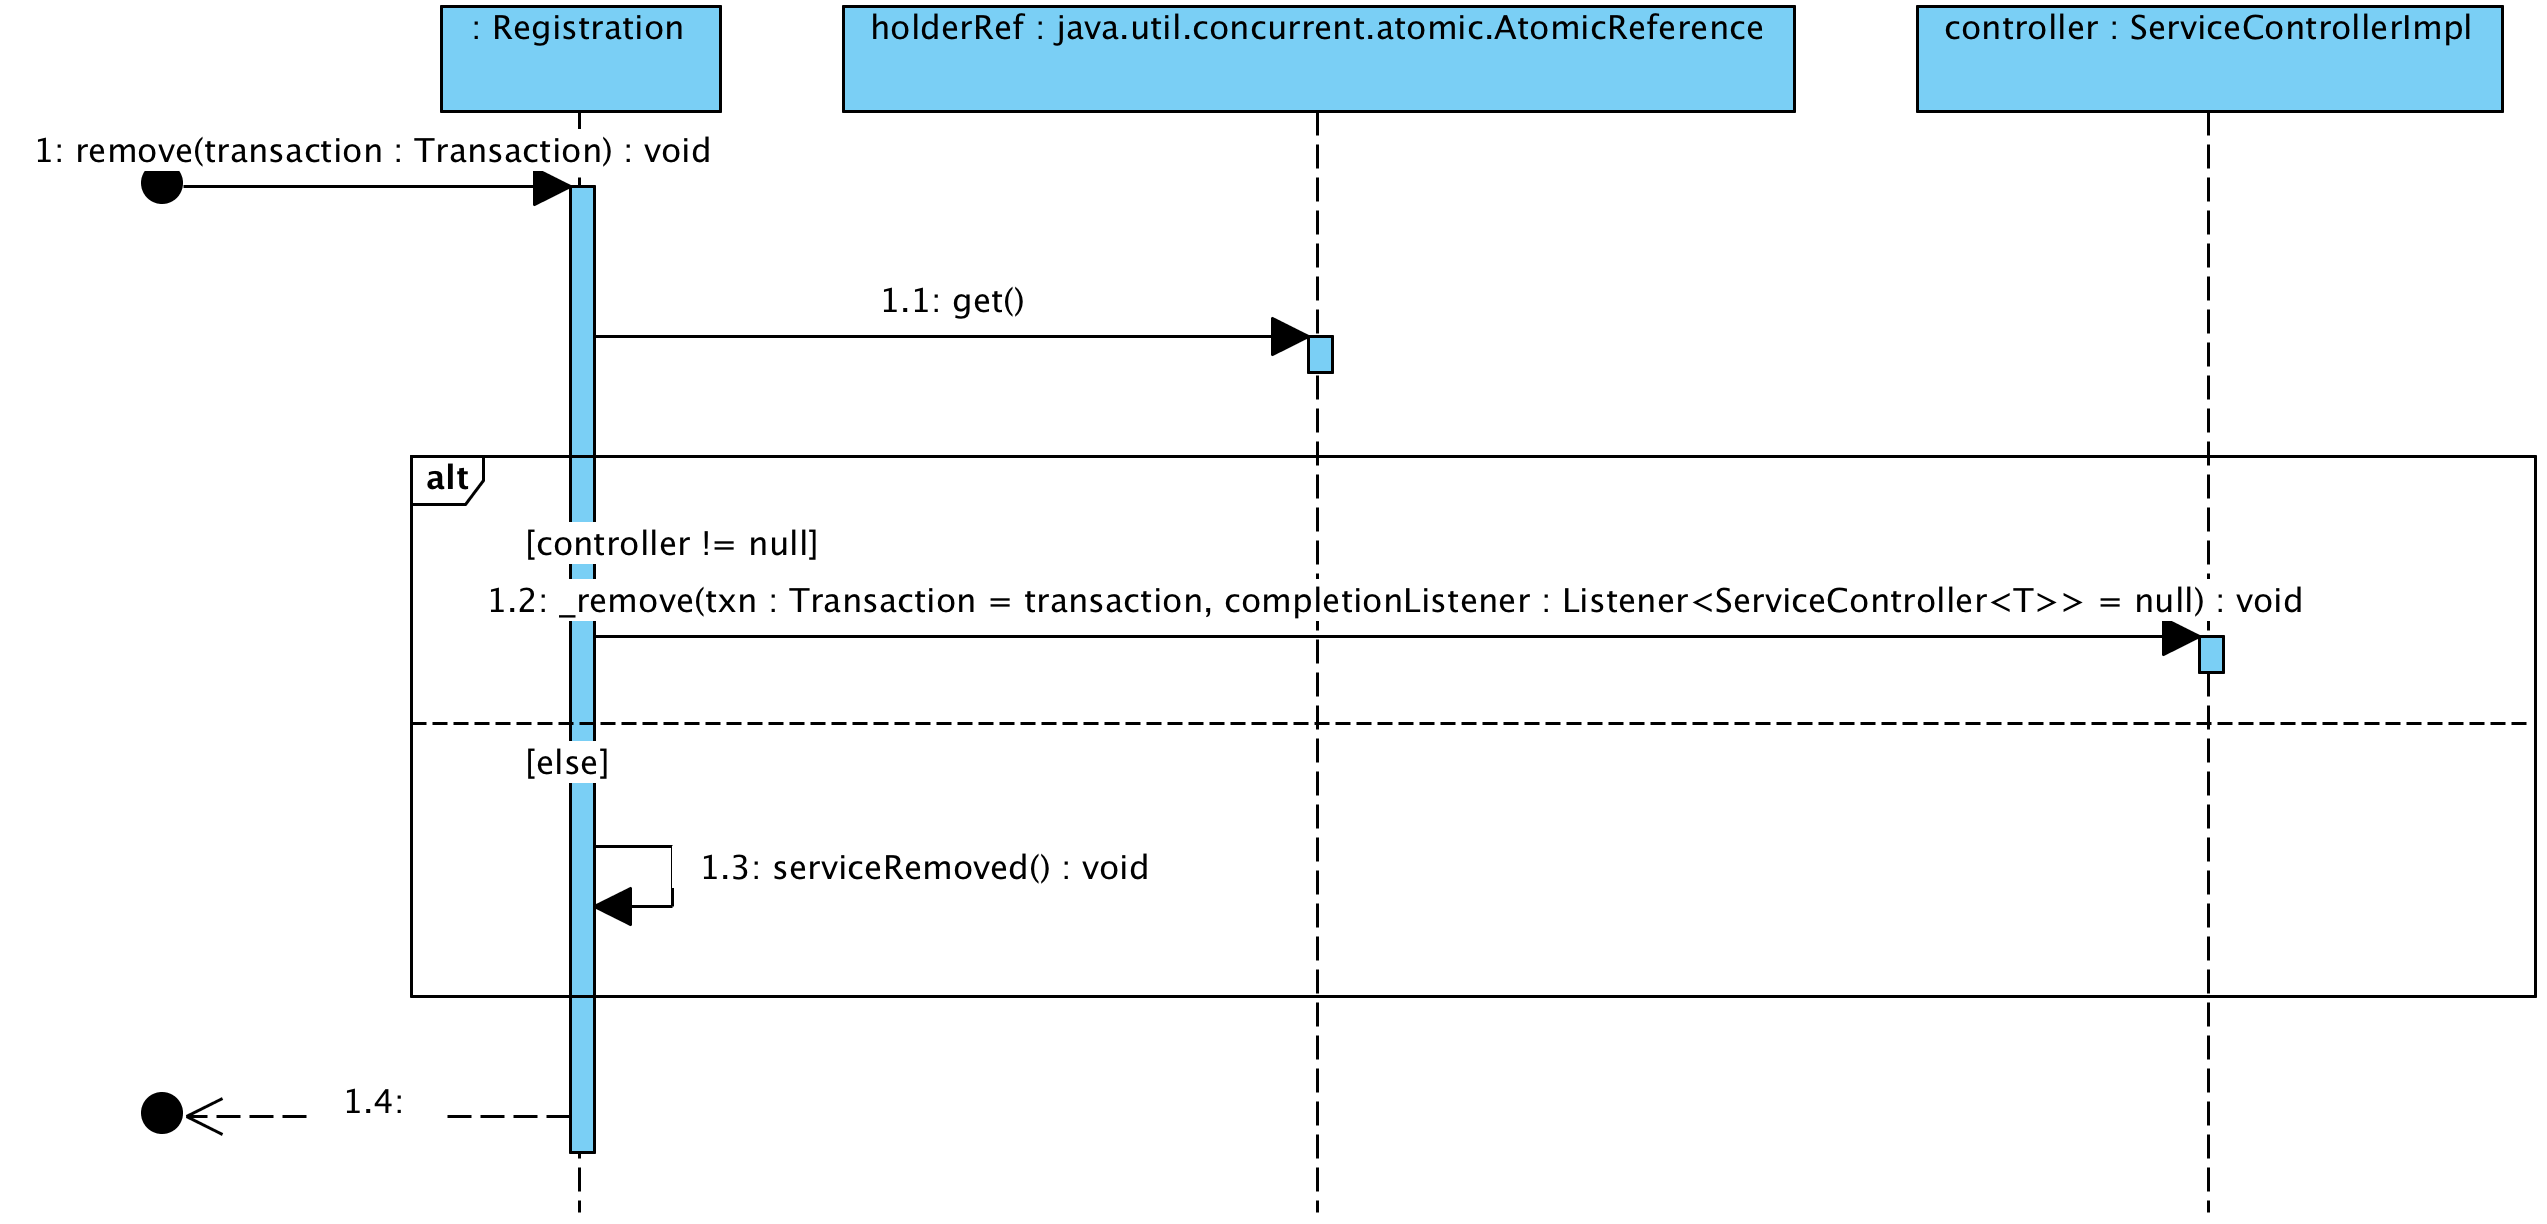 https://raw.githubusercontent.com/liweinan/blogpicbackup/master/data/msc/org.jboss.msc.txn.Registration.remove(Transaction).png